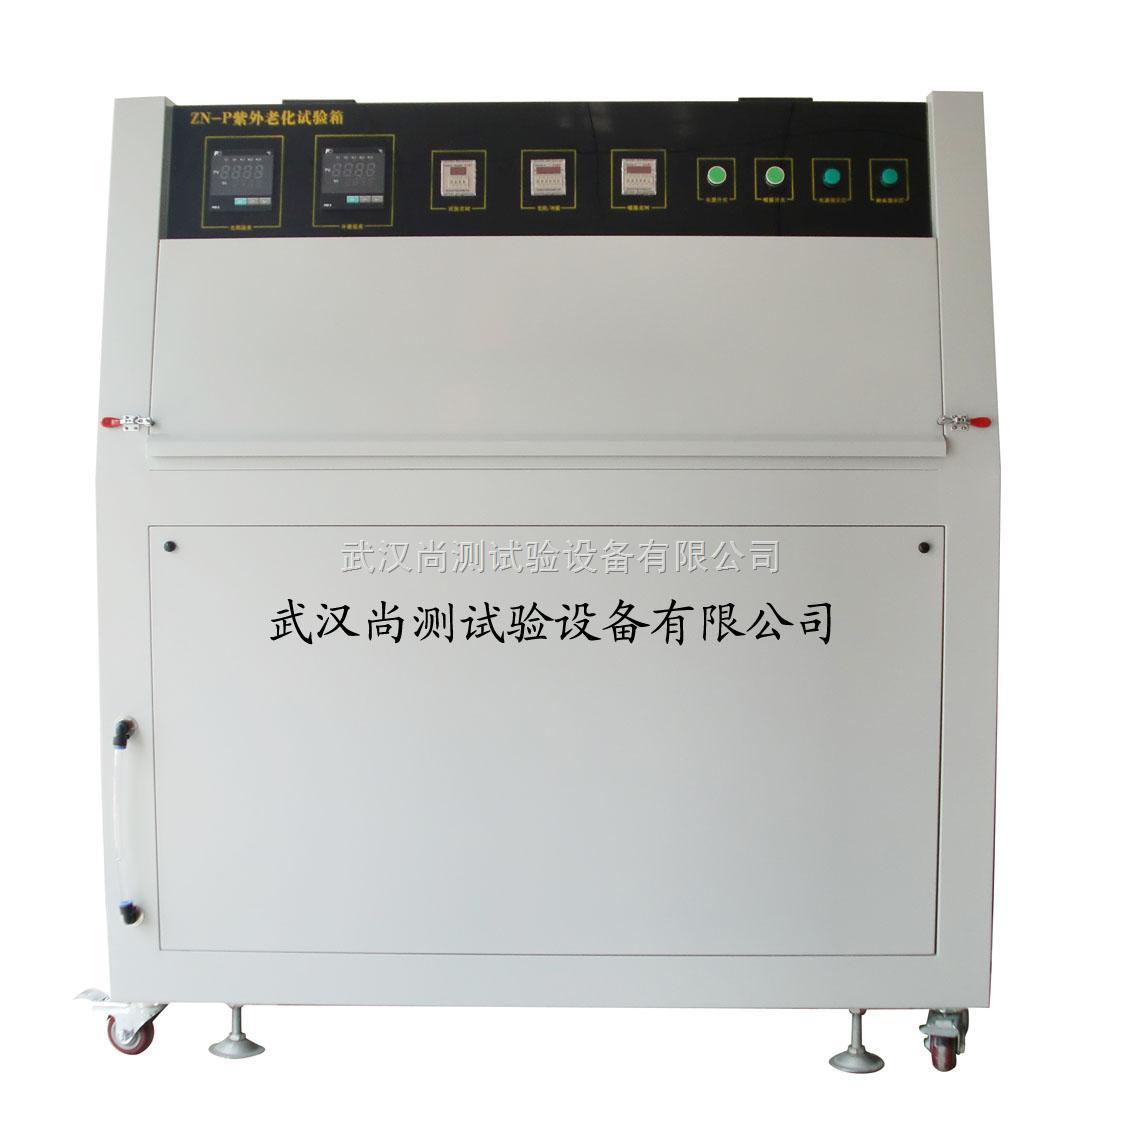 紫外老化试验箱SC/ZN-P